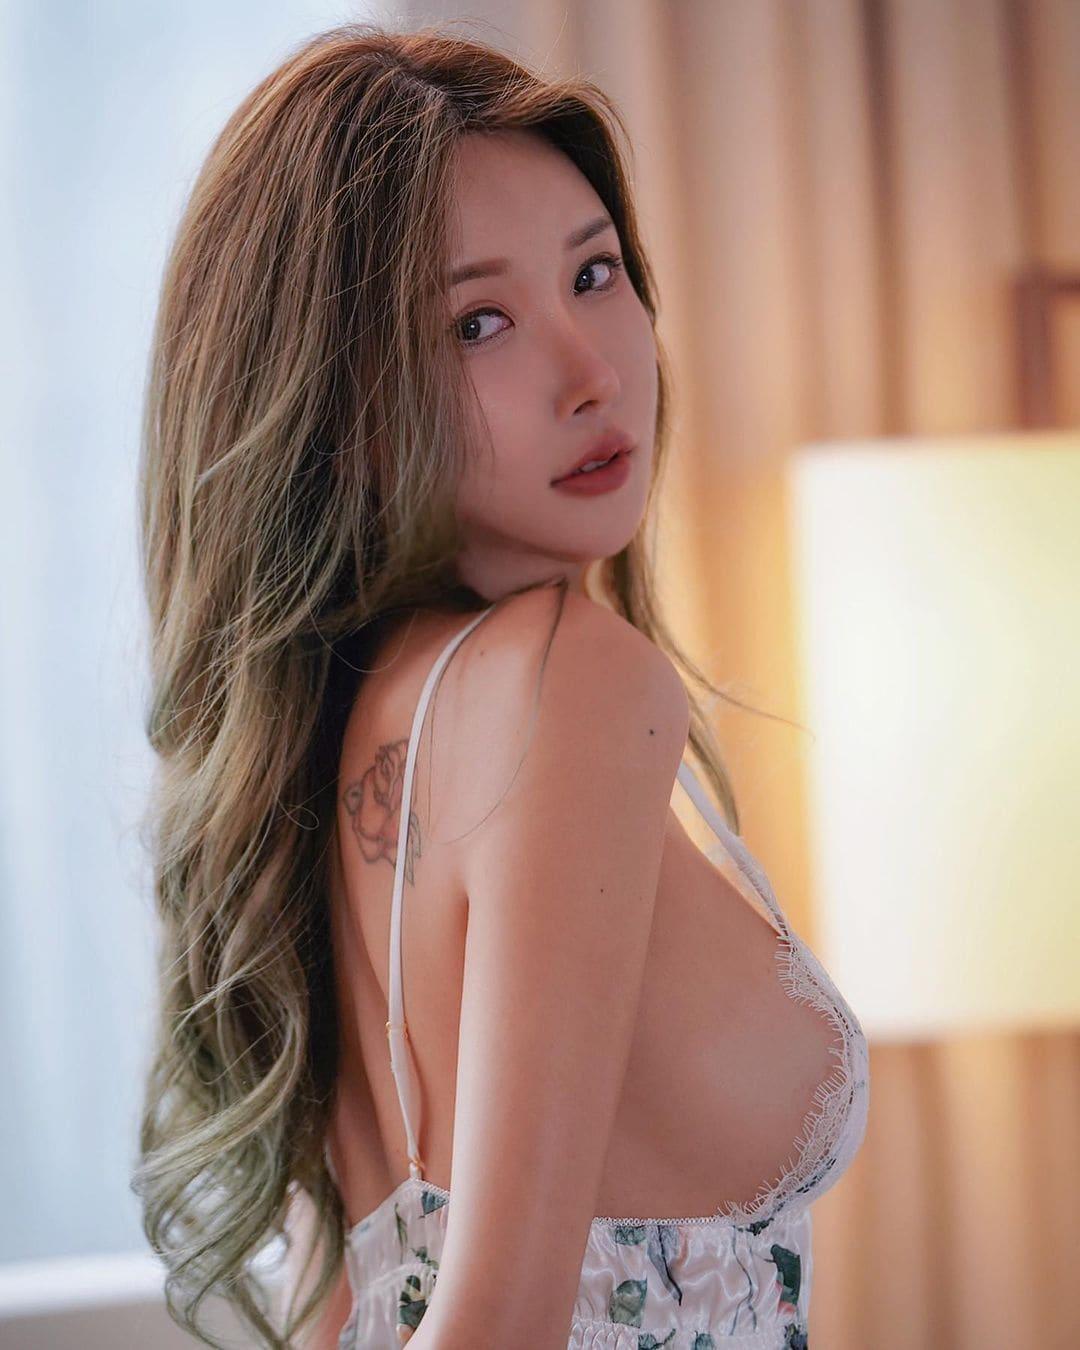 ガティタ・ヤン「裸エプロン風のセクシー横乳!」ツンと上を向いたお尻がセクシー【画像2枚】の画像001